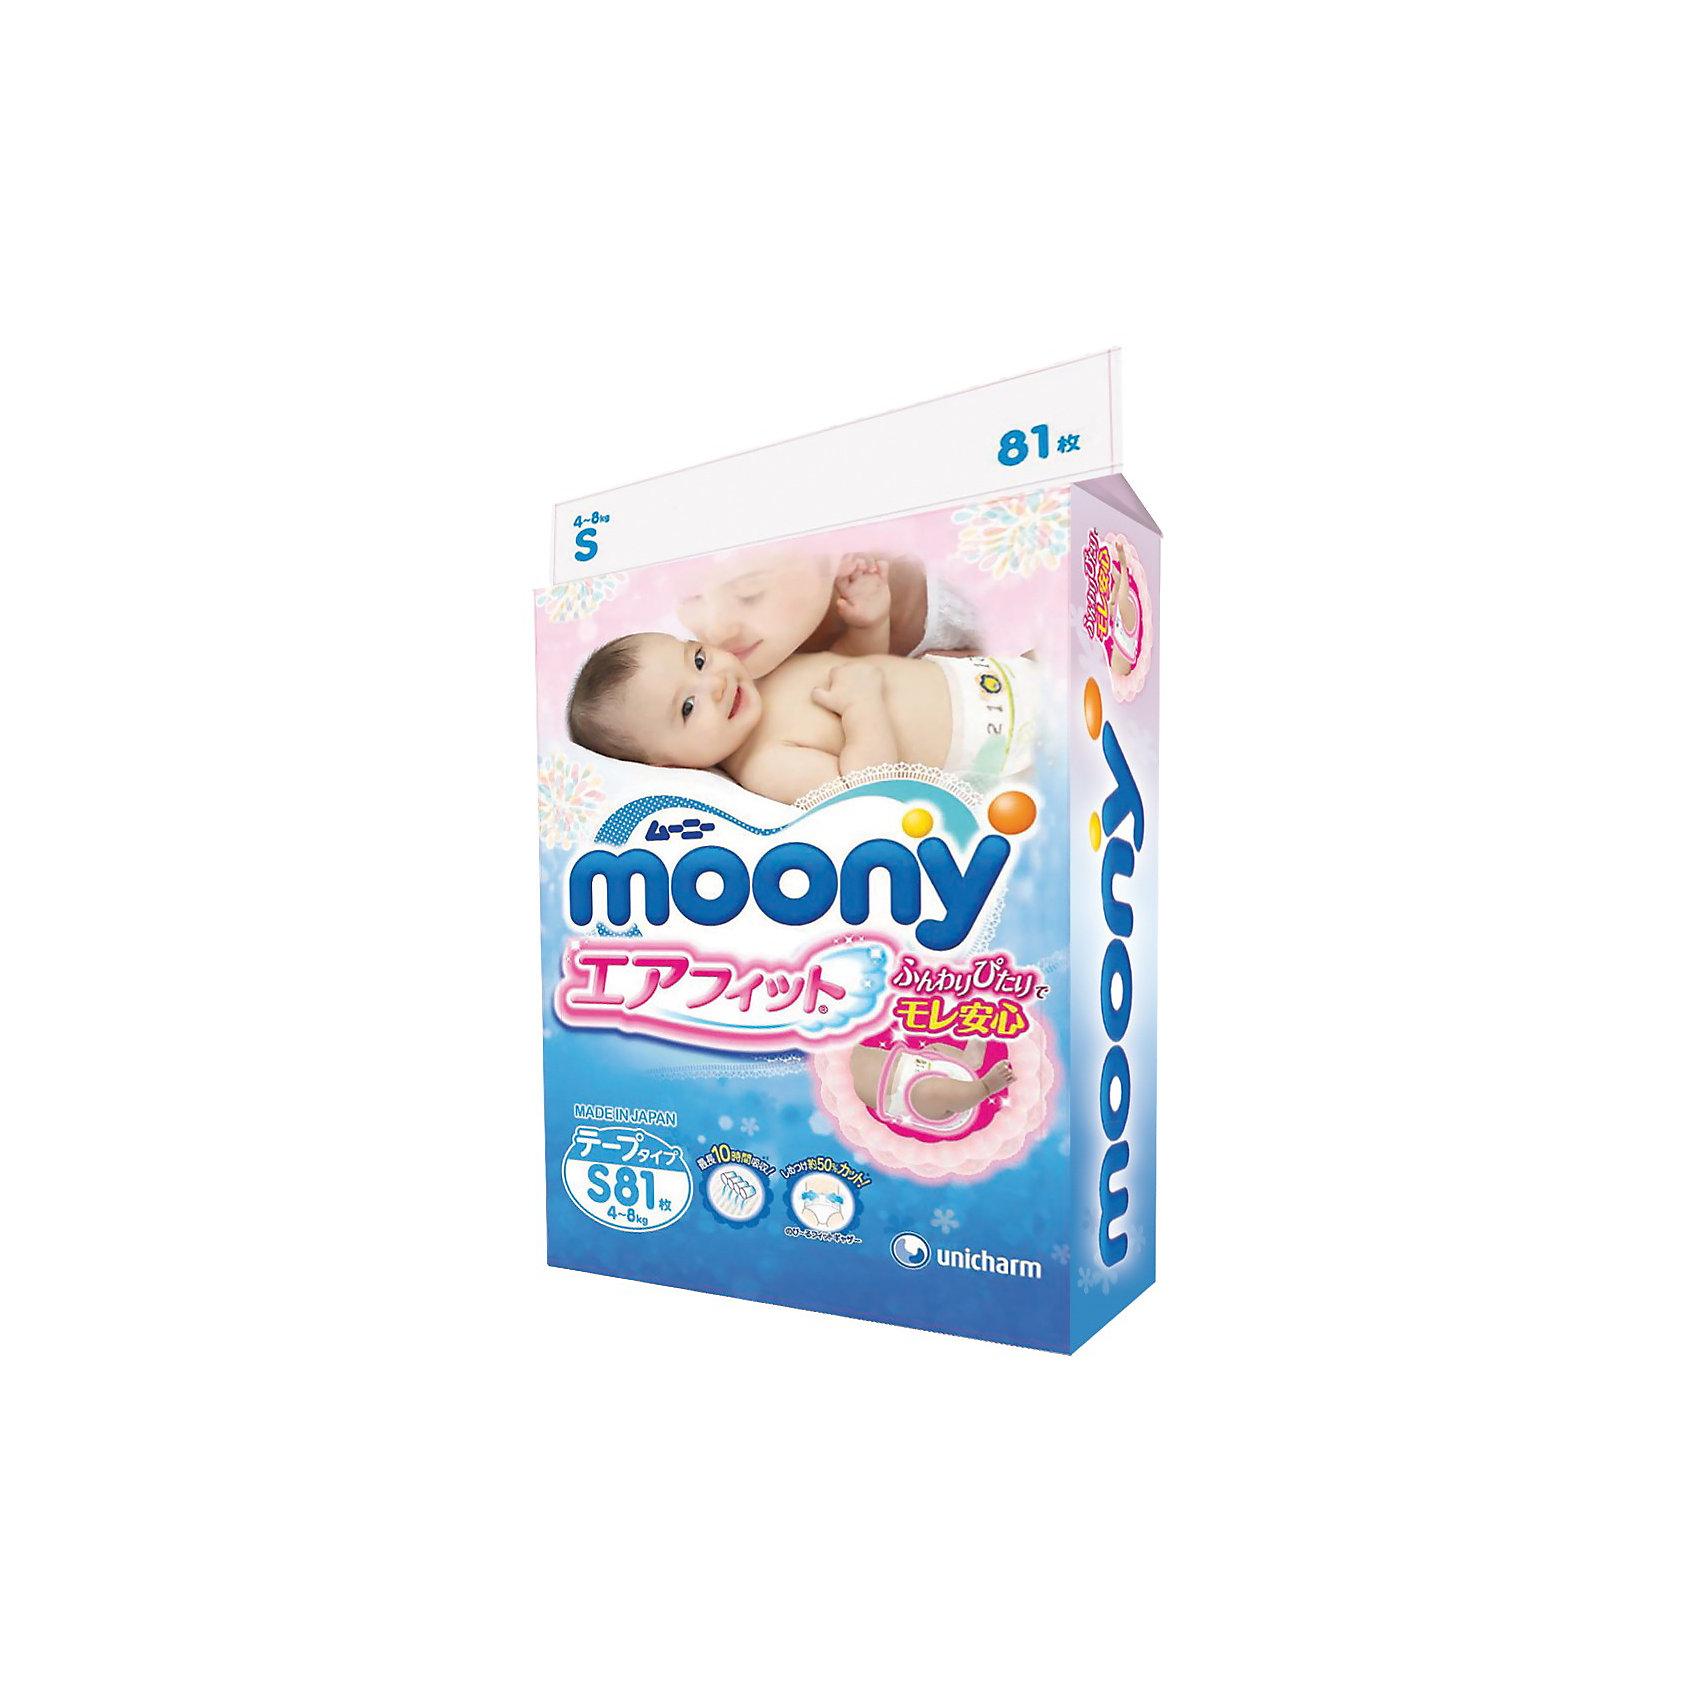 Подгузники Moony Econom, S 4-8 кг, 81 шт.Подгузники<br>Подгузники Moony Econom S 4-8 кг изготовлены из натуральных природных материалов.<br><br>Внутренняя поверхность подгузника — мягкая сеточка с примесью натурального хлопка; благодаря его отличной впитывающей способности кожа ребенка всегда остается сухой. Легкая «дышащая» поверхность подгузников обеспечивает доступ воздуха к коже ребенка.<br><br>Впитывающие высокие бортики и специальные резинки по бокам плотно прилегают к ножкам ребенка и препятствуют протеканию. Эластичная фиксирующая лента свободно растягивается на 2,5-3 см, не сковывая движения малыша. Клейкая лента повторного использования позволяет многократно застёгивать и расстегивать подгузник.<br><br>Внутренний слой подгузников Moony Econom S 4-8 кг пропитан экстрактами растений (гамамелиса, ромашки, эвкалипта), известных благодаря антисептическим и антибактериальным качествам, а также смягчающим и увлажняющим свойствам.<br><br>Полоски-индикаторы подскажут, когда придет время менять подгузник.<br><br>Дополнительная информация:<br><br>Размер: S, 4-8 кг.<br>В упаковке: 81 шт.<br><br>Подгузники Moony Econom, S 4-8 кг, 81 шт. можно купить в нашем интернет-магазине.<br><br>Ширина мм: 270<br>Глубина мм: 170<br>Высота мм: 380<br>Вес г: 2400<br>Возраст от месяцев: 0<br>Возраст до месяцев: 9<br>Пол: Унисекс<br>Возраст: Детский<br>SKU: 3361335